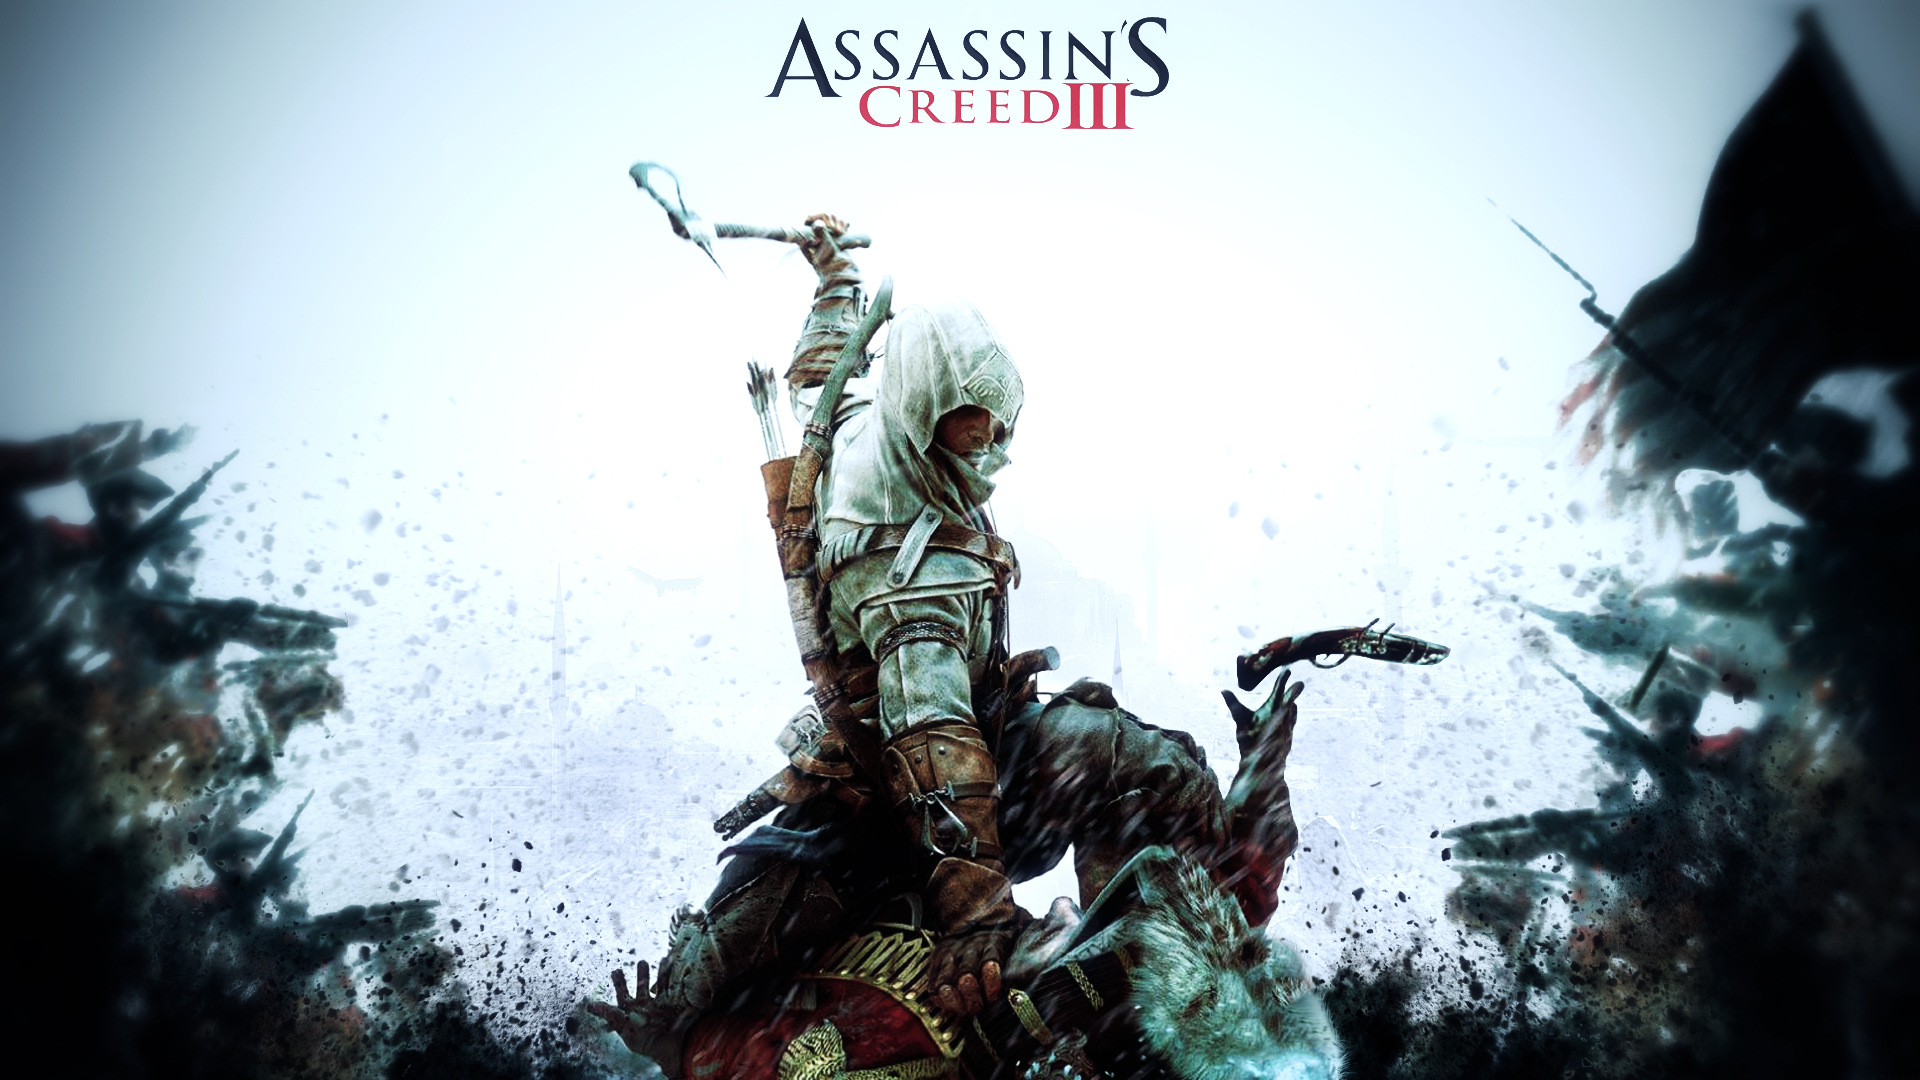 Assassins creed iii hd desktop wallpaper widescreen high 1920x1080 voltagebd Gallery